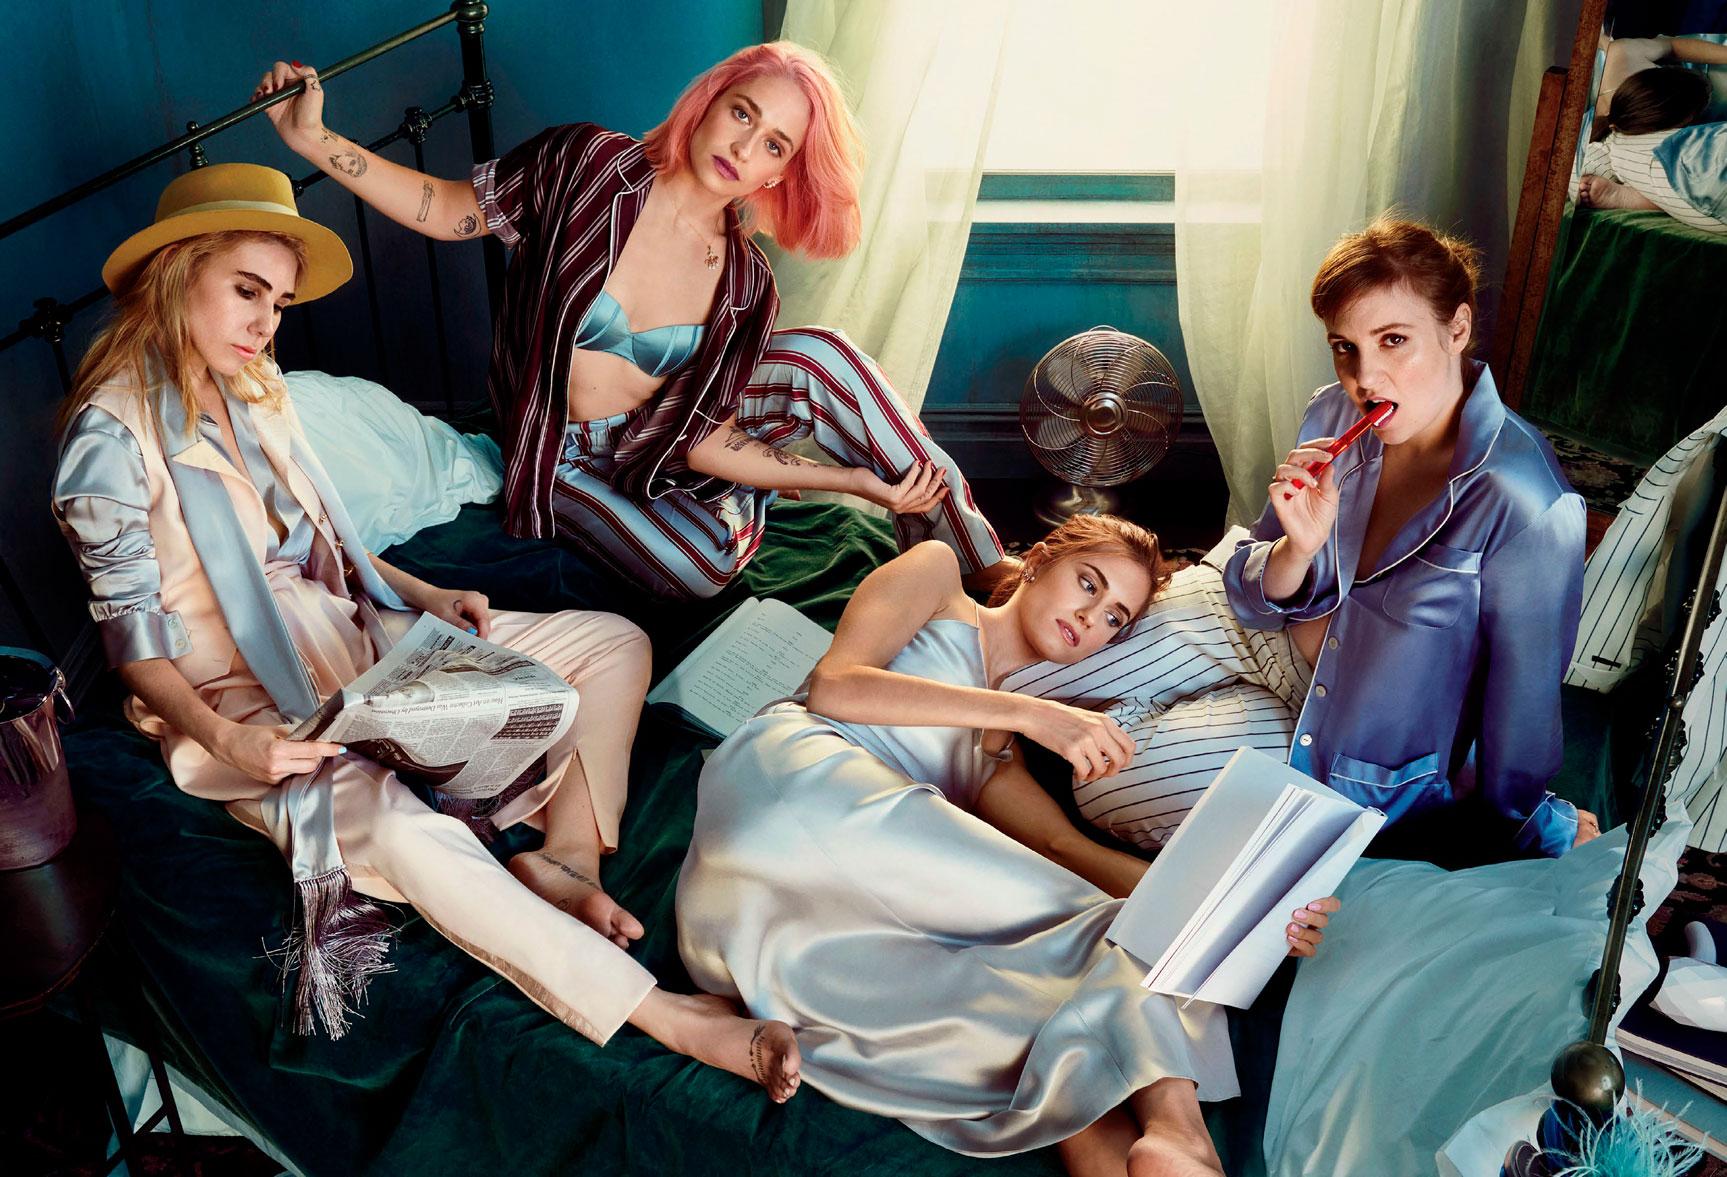 Lena Dunham, Jemima Kirke, Allison Williams, Zosia Mamet / Girls by Emma Summerton - Glamour US february 2017